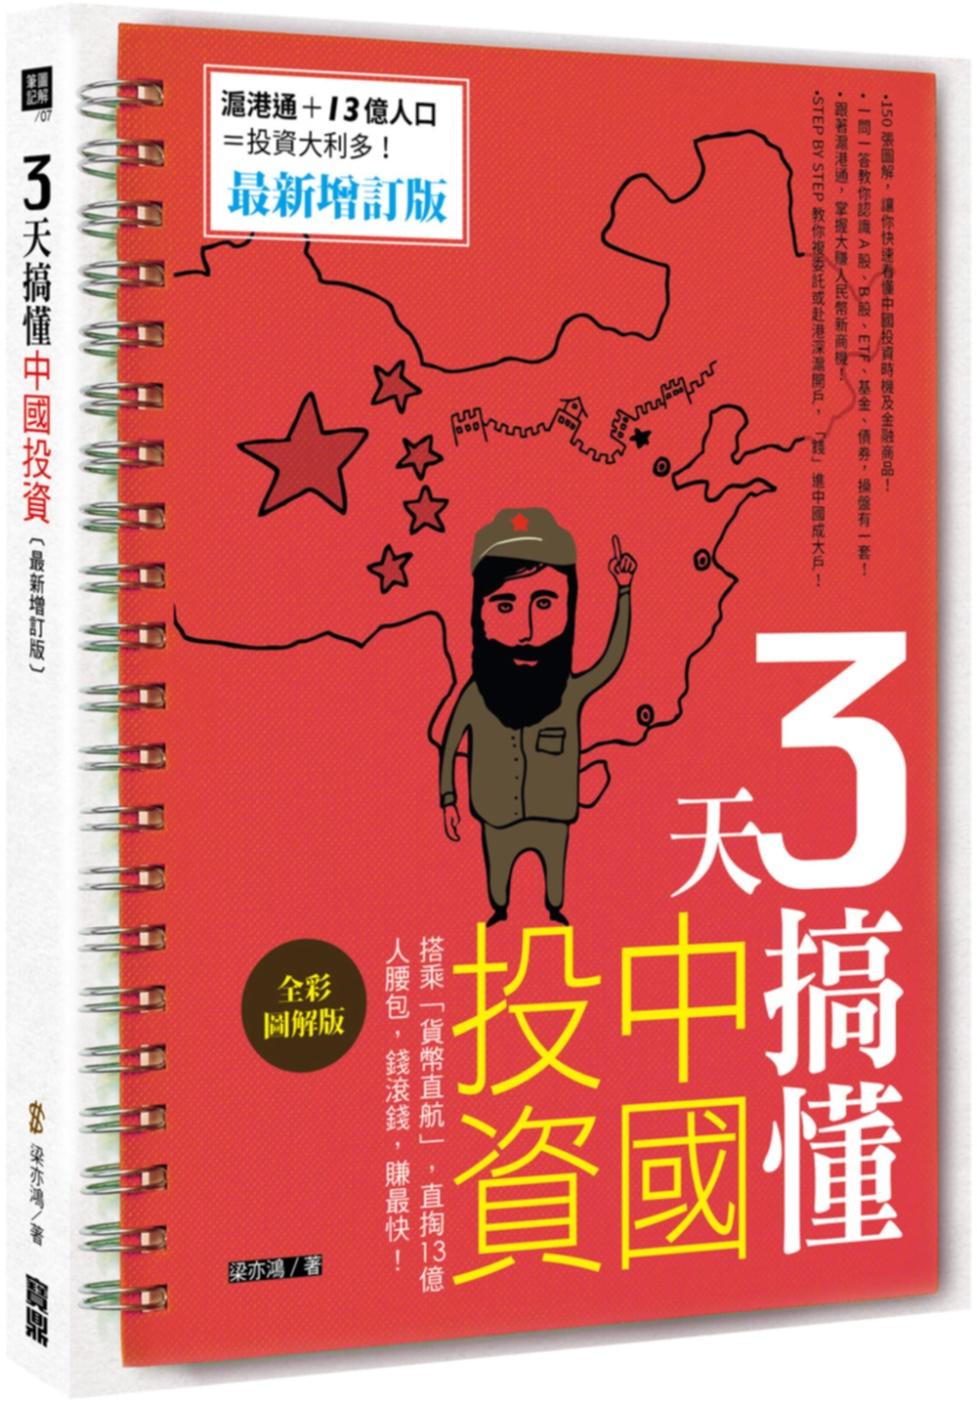 3天搞懂中國投資:搭乘「貨幣直航」,直掏13億人腰包,錢滾錢,賺最快!(最新增訂版)